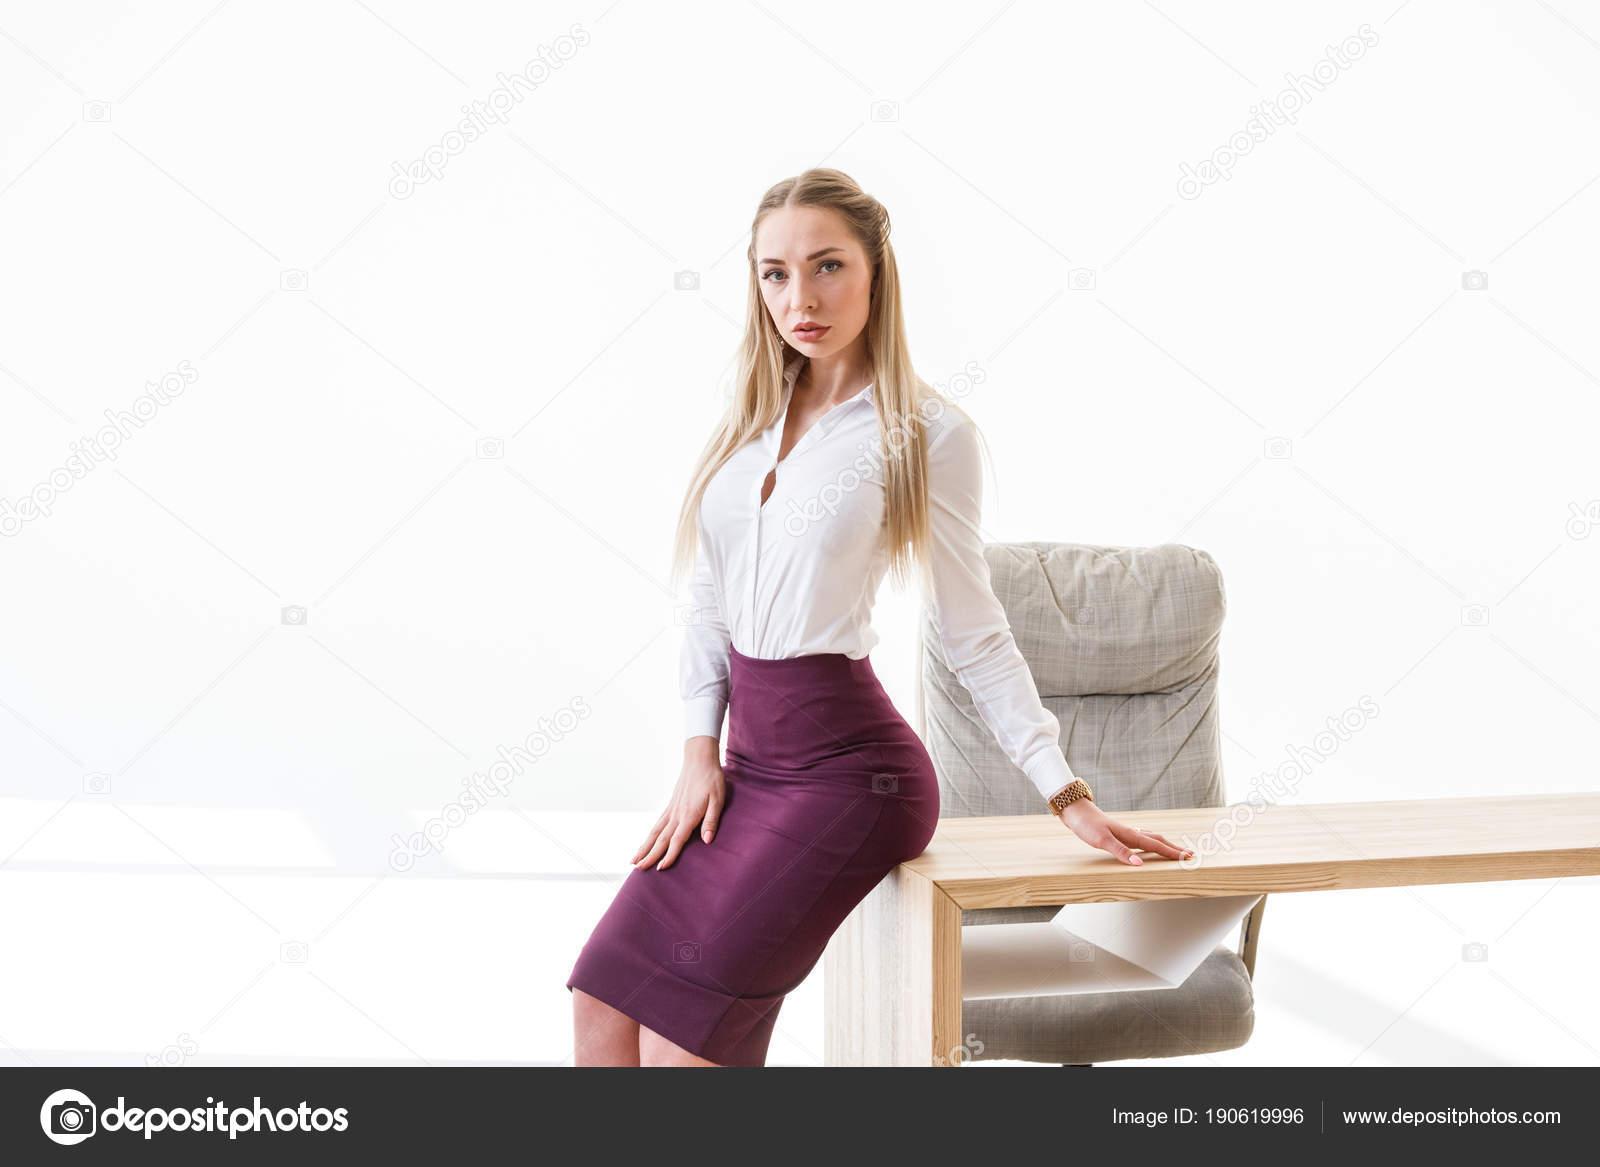 seksualnaya-blondinka-v-plate-v-ofise-vorovku-nakazali-v-zhopu-porno